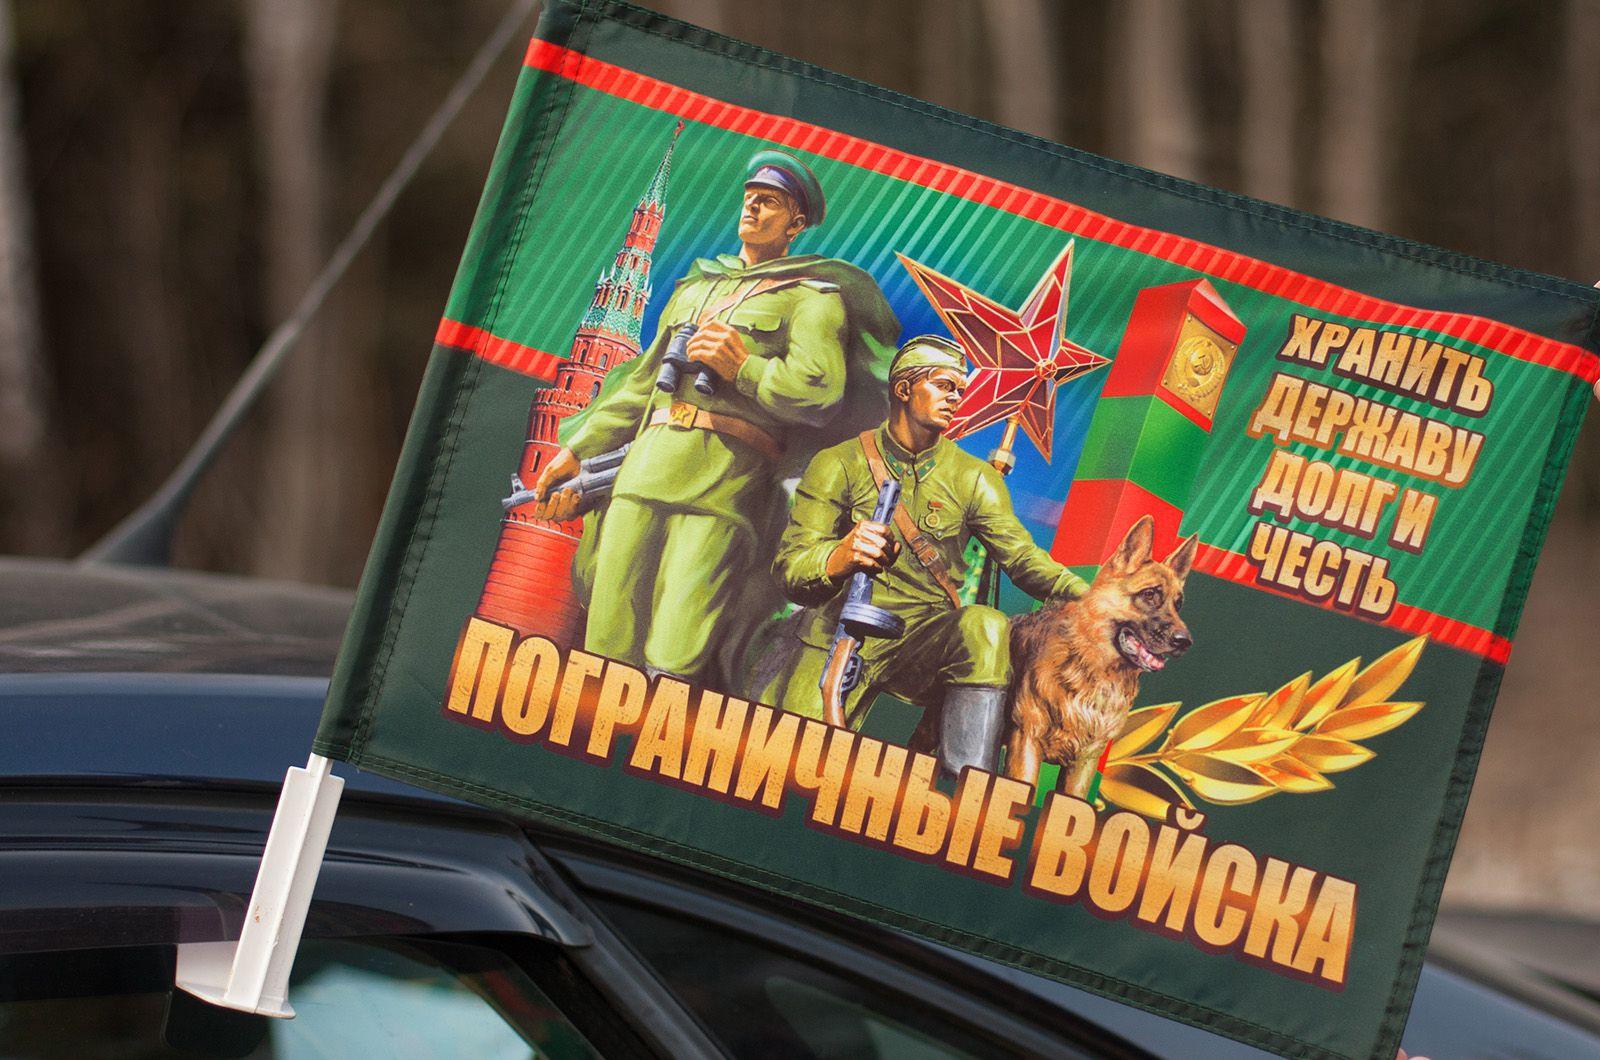 """Флаг ПВ """"Хранить державу"""" с кронштейном"""